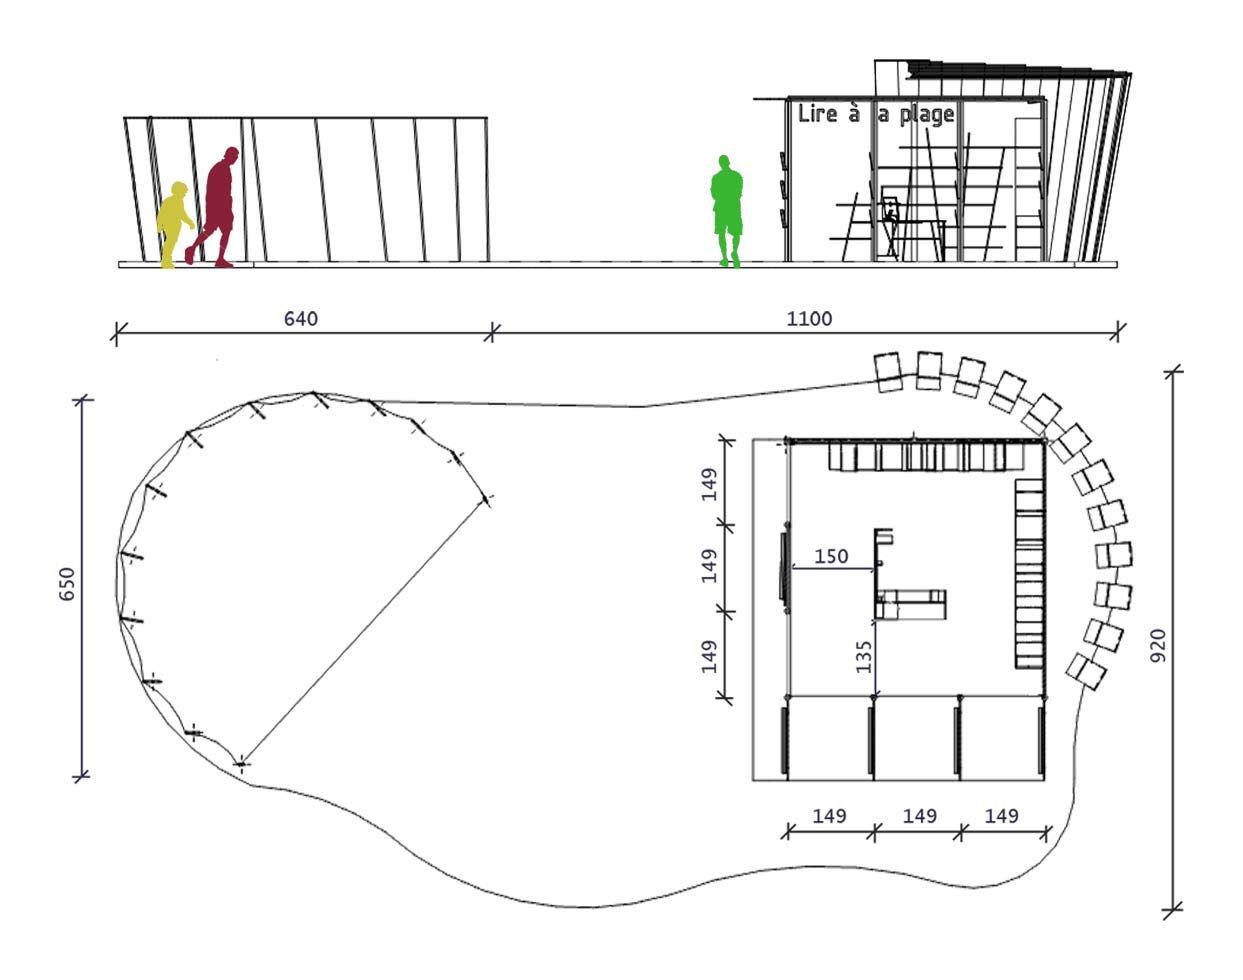 ... Plans De Maison Peuvent Mean Combinant Rustique Fournitures Ressemblant  Revtement De Sol En Ardoise Expos Poutres De Plafond With Lire Un Plan De  Maison